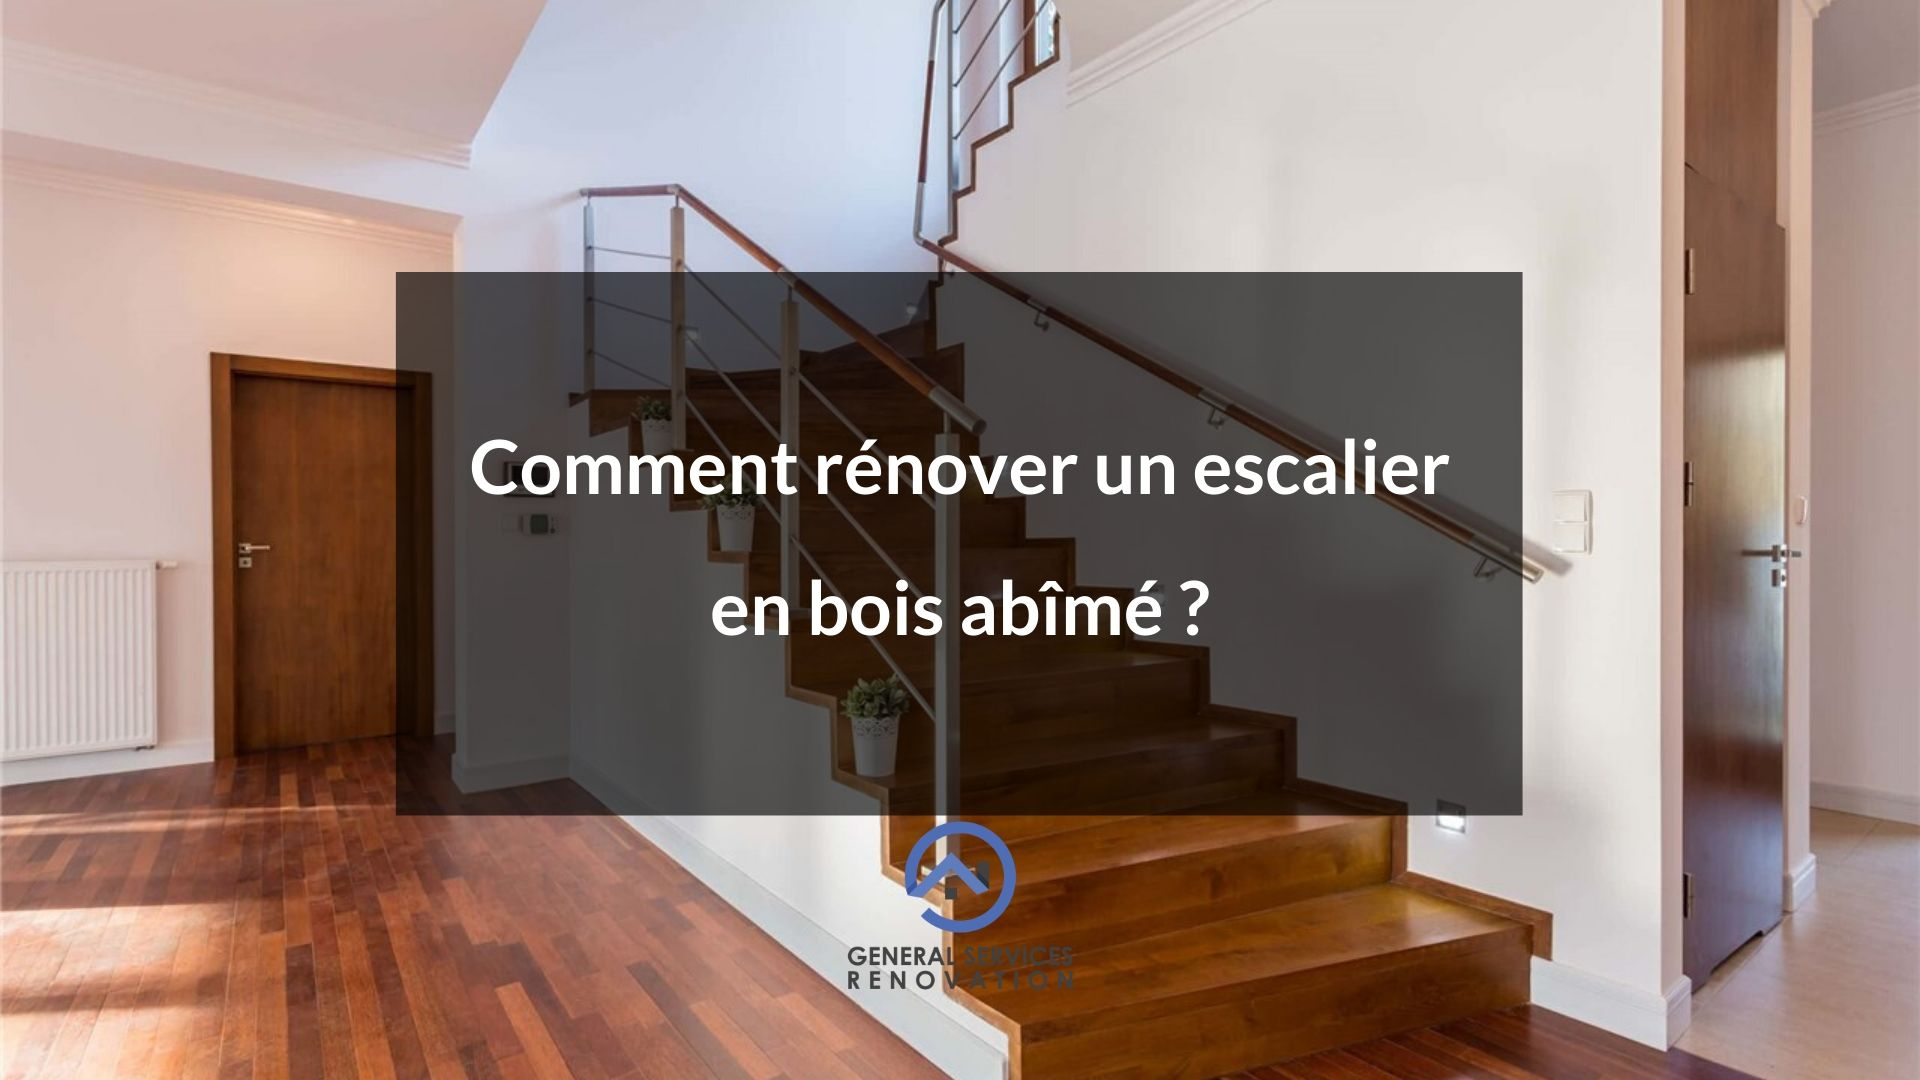 Repeindre Escalier En Bois comment rénover un escalier en bois abîmé ? - general services